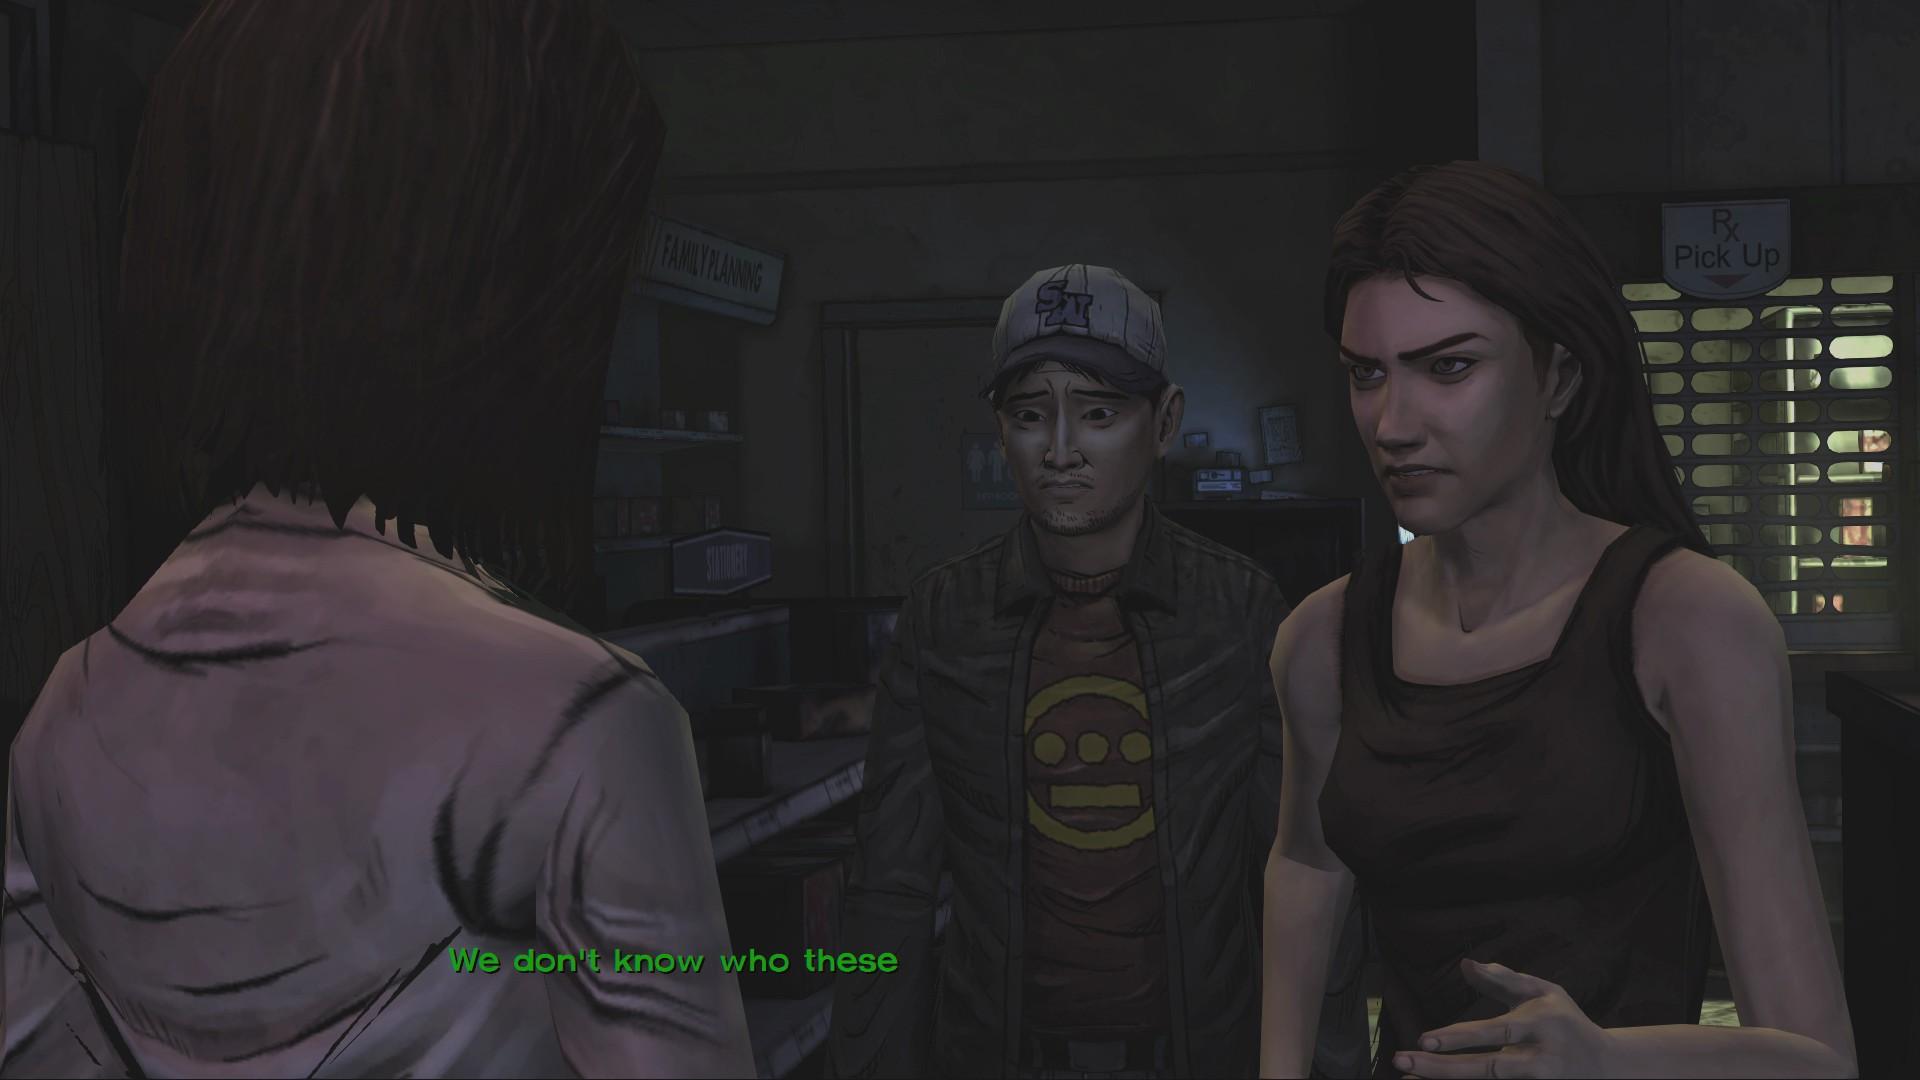 Test-Video The Walking Dead: Gefühlschaos nach der Zombieapokalypse - Die Nerven liegen blank. Charaktere streiten sich ziemlich oft in The Walking Dead.